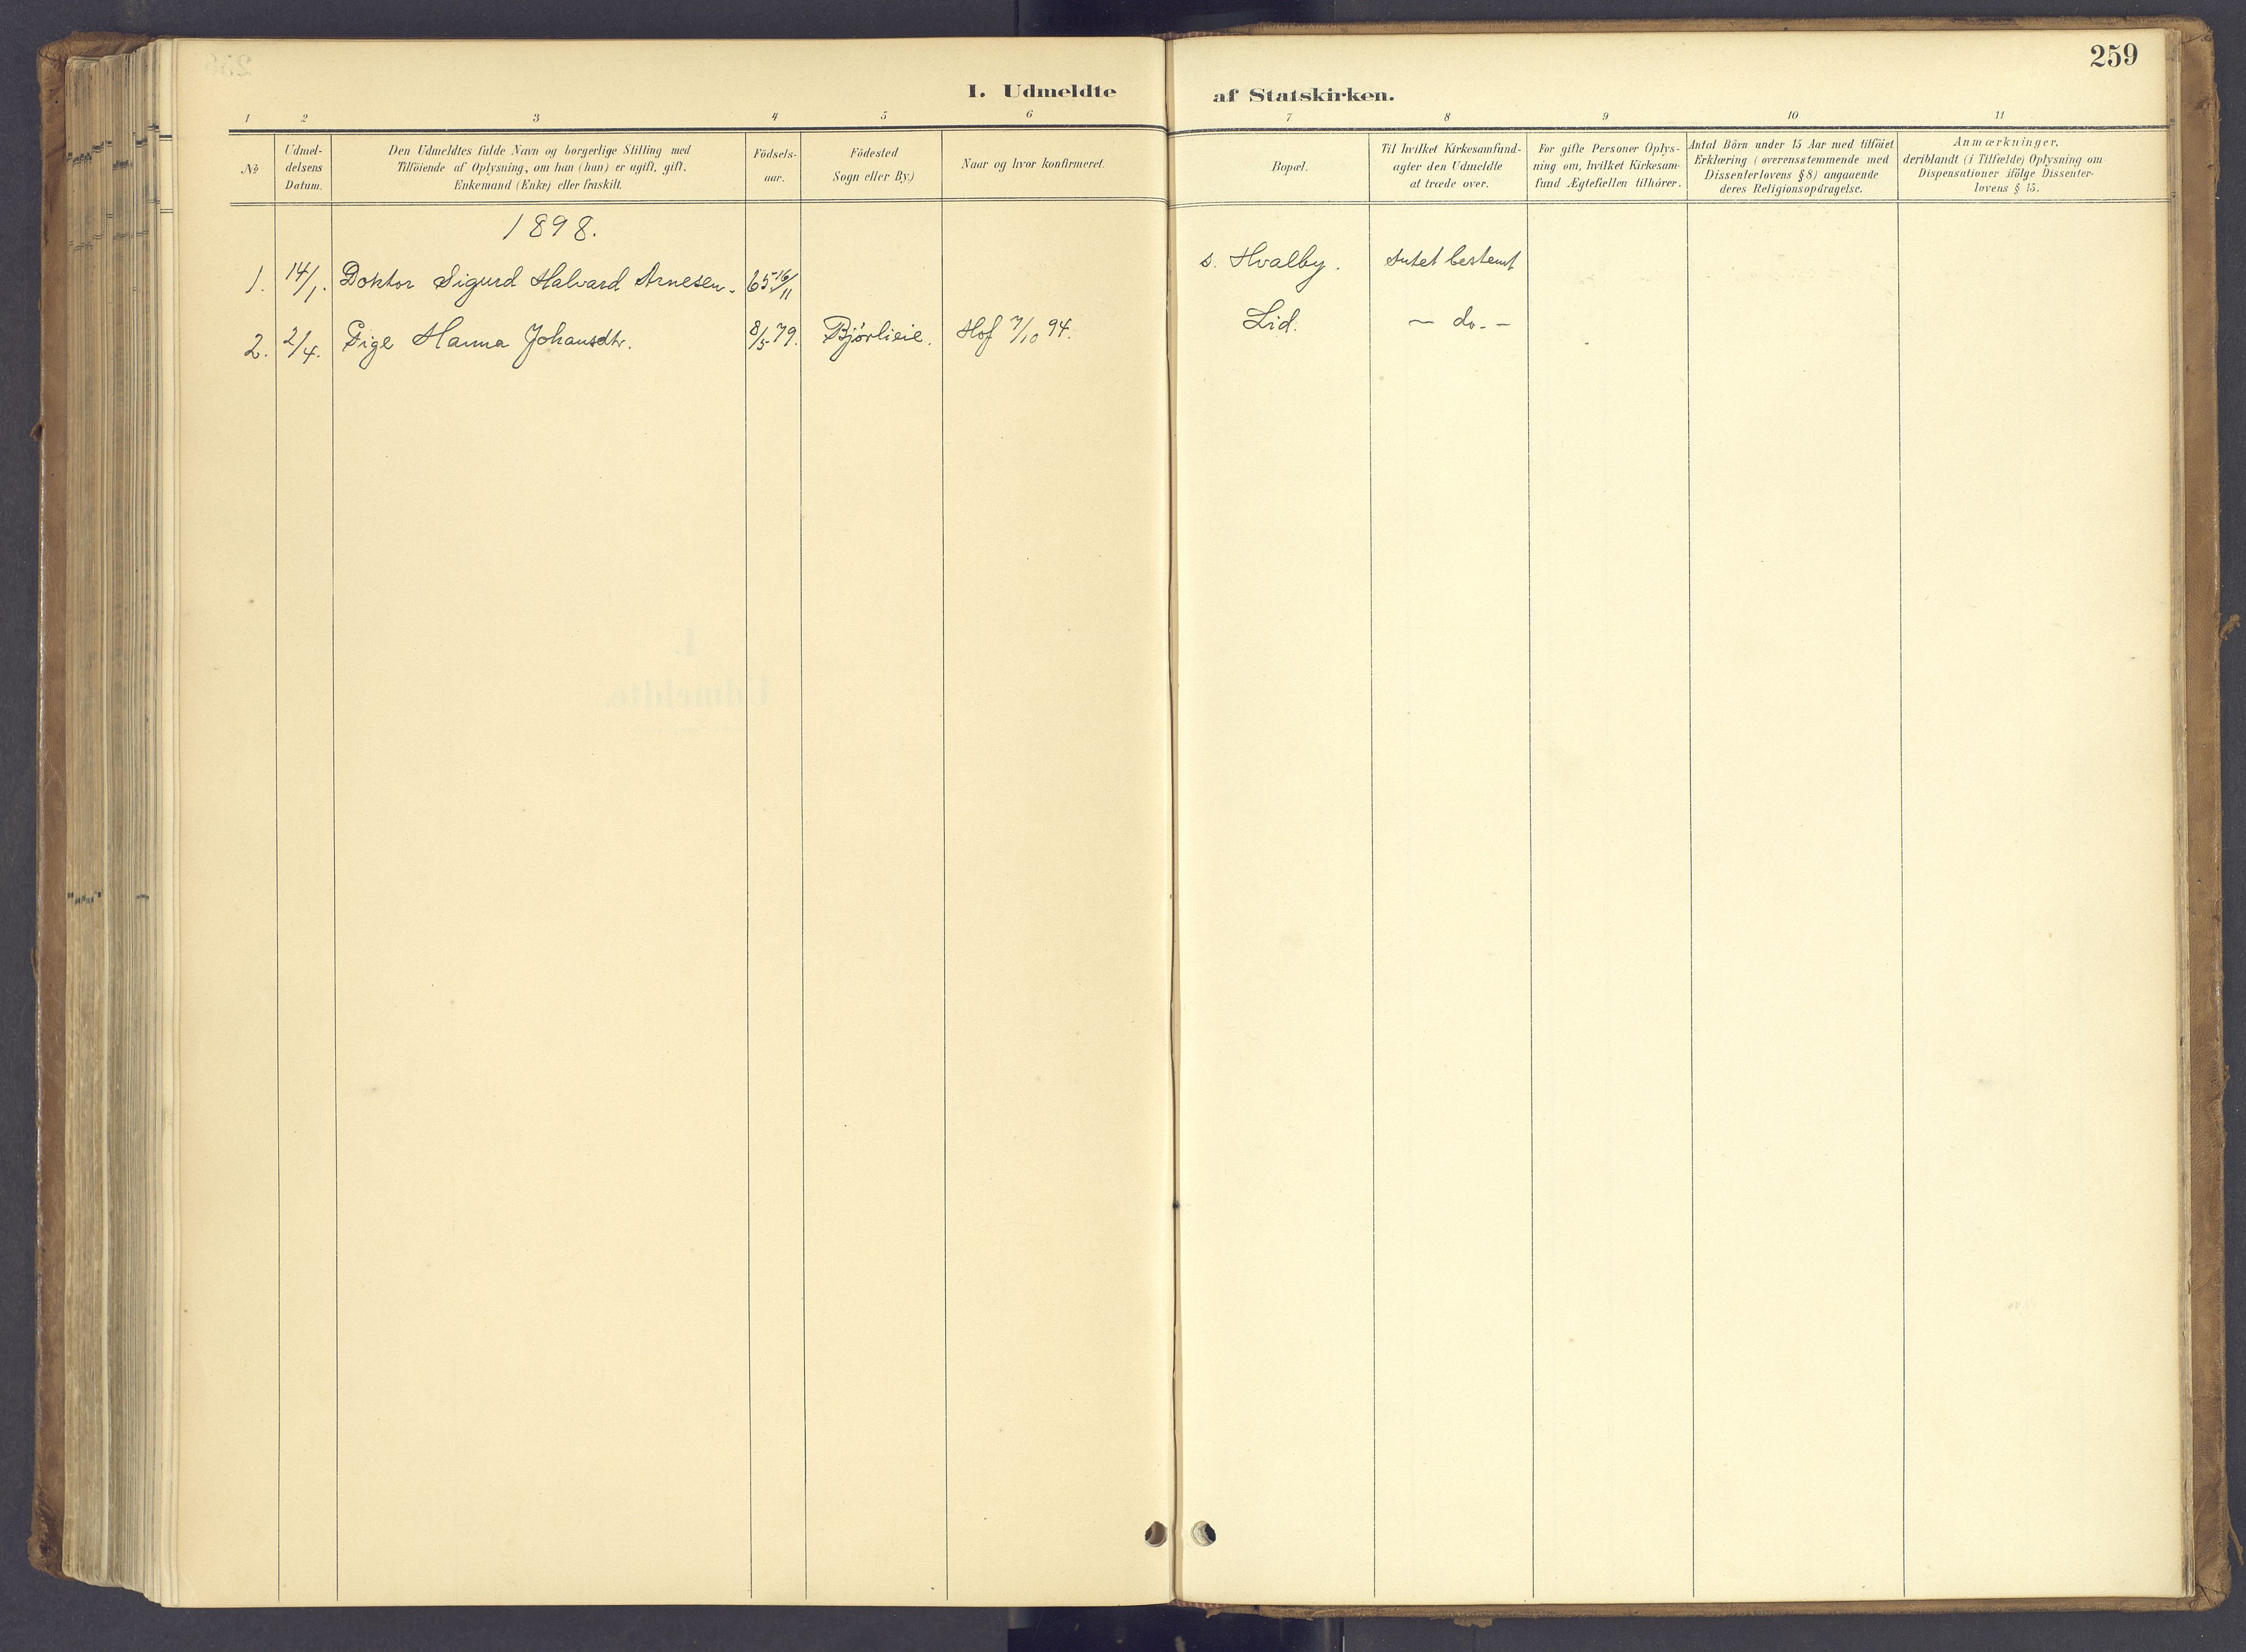 SAH, Søndre Land prestekontor, K/L0006: Ministerialbok nr. 6, 1895-1904, s. 259